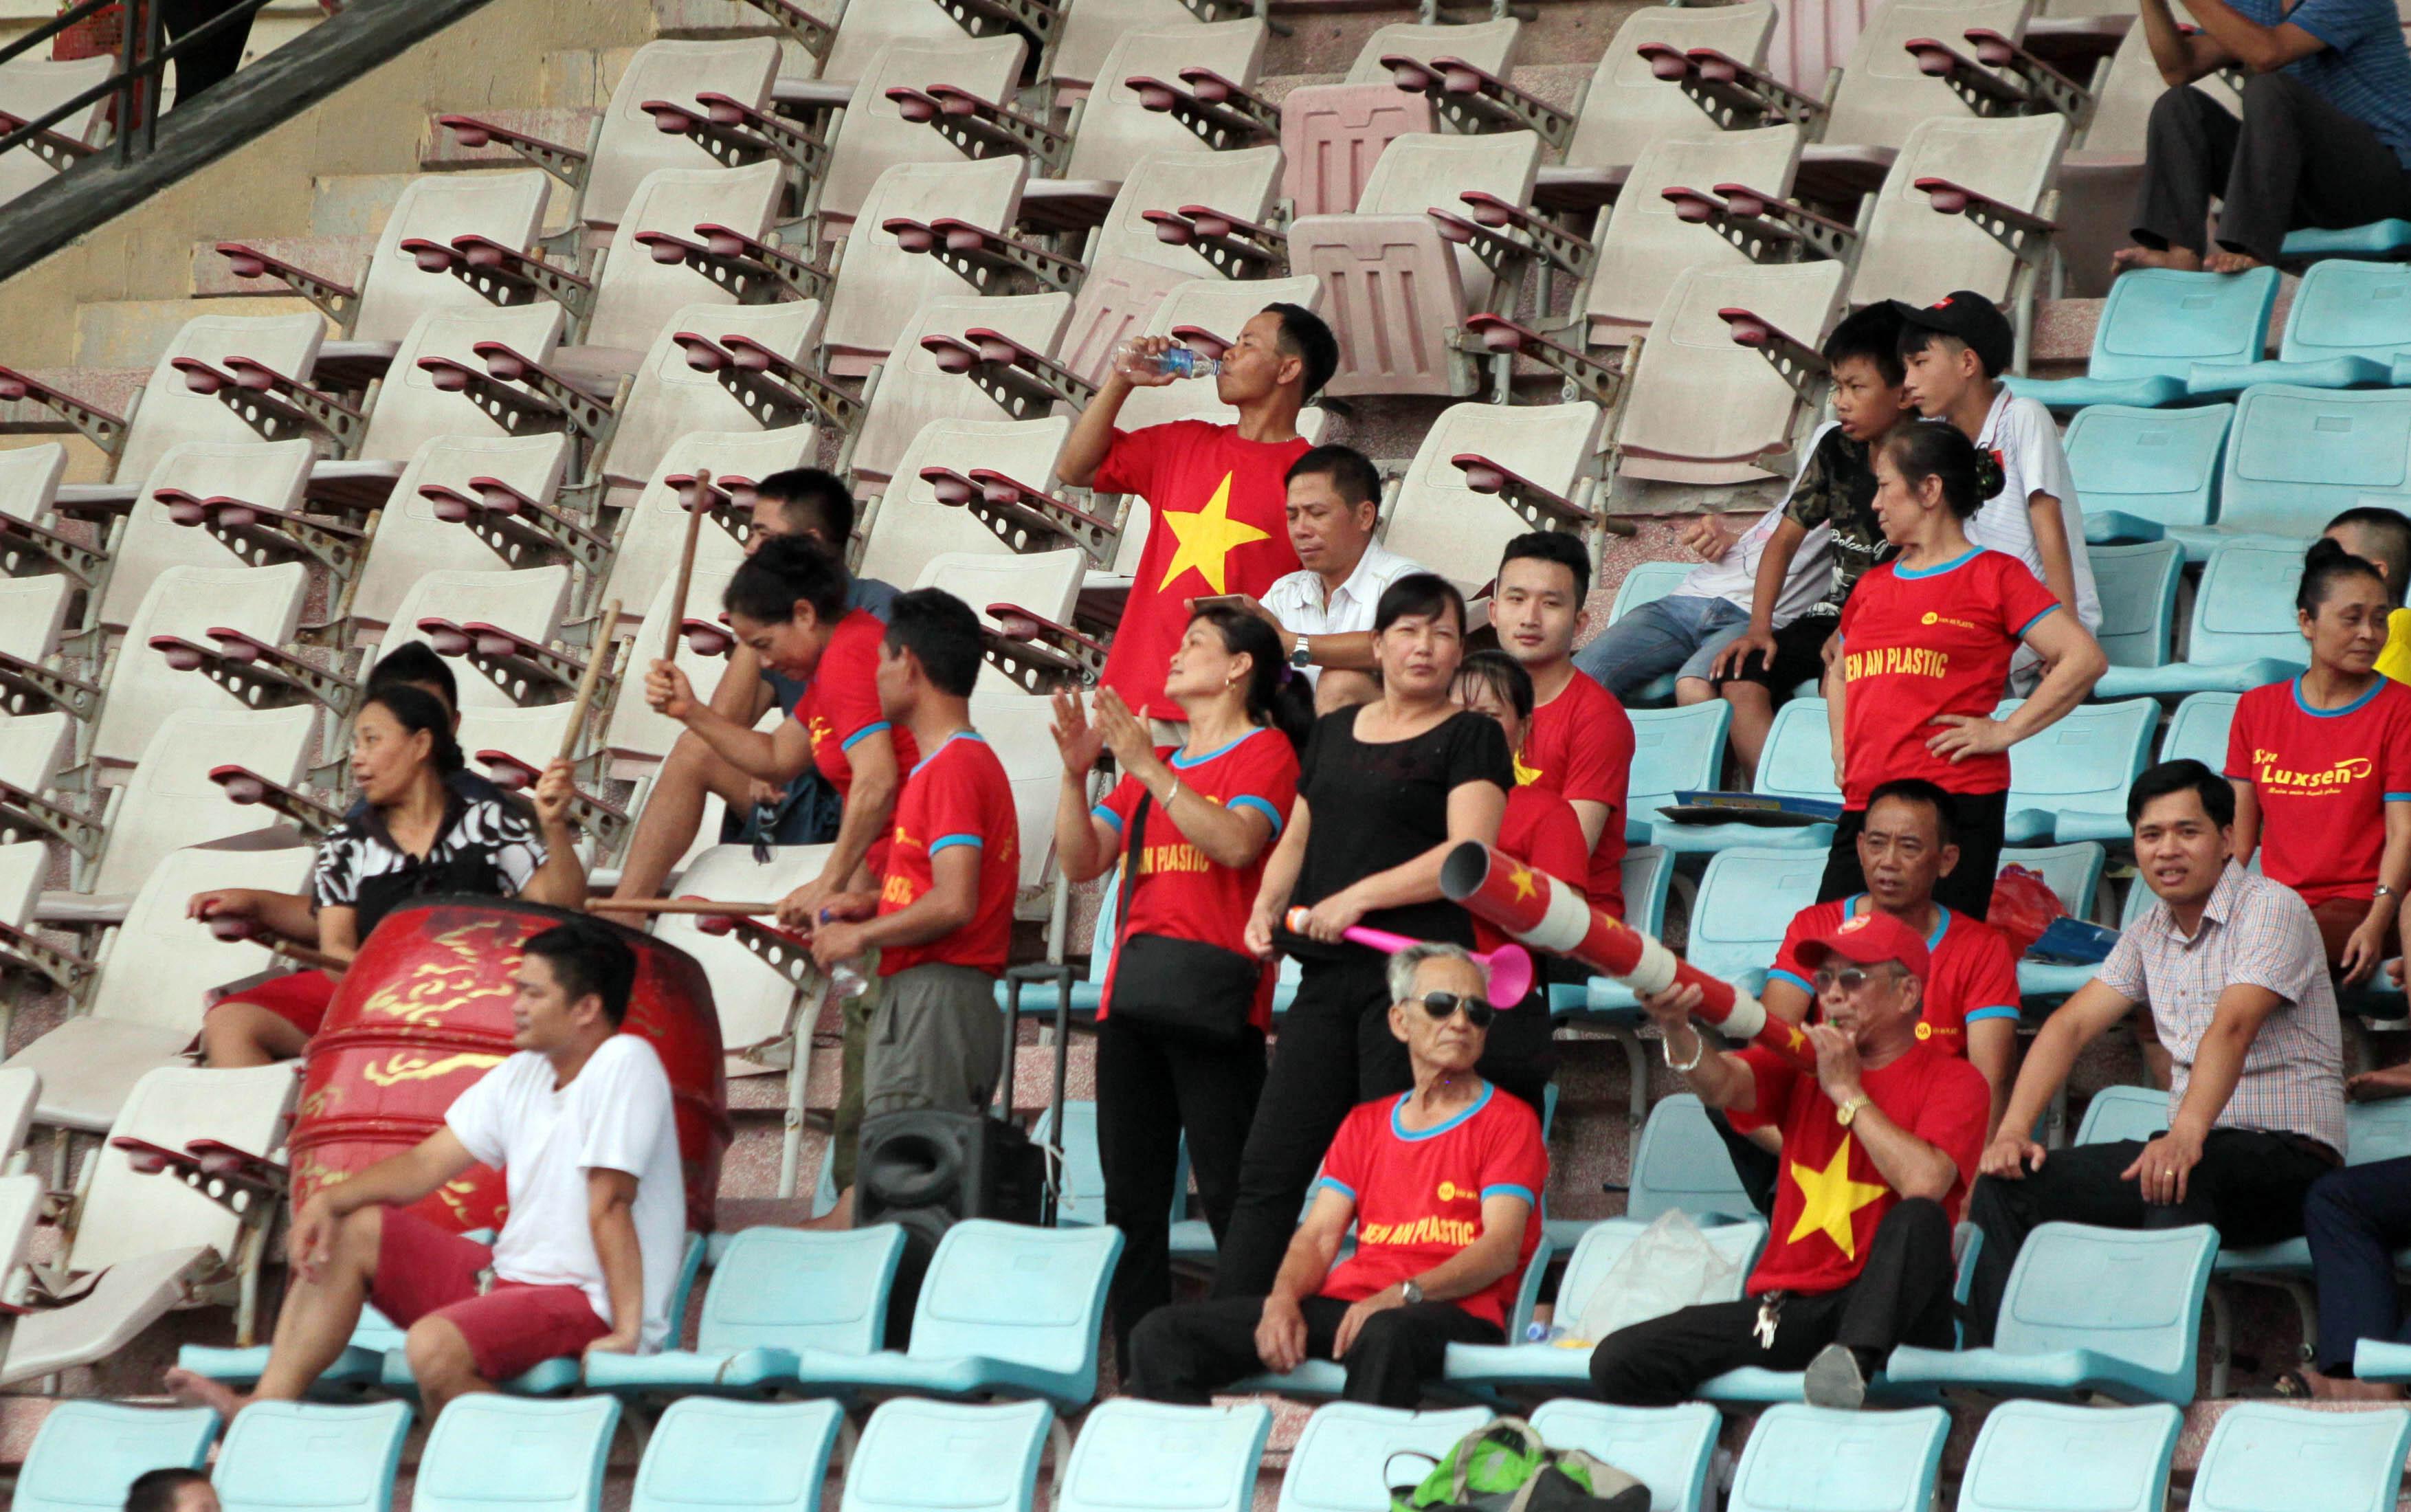 Đồng hành cùng giải BĐ nữ VĐQG - Cúp Thái Sơn Bắc 2018: Luôn luôn sát cánh